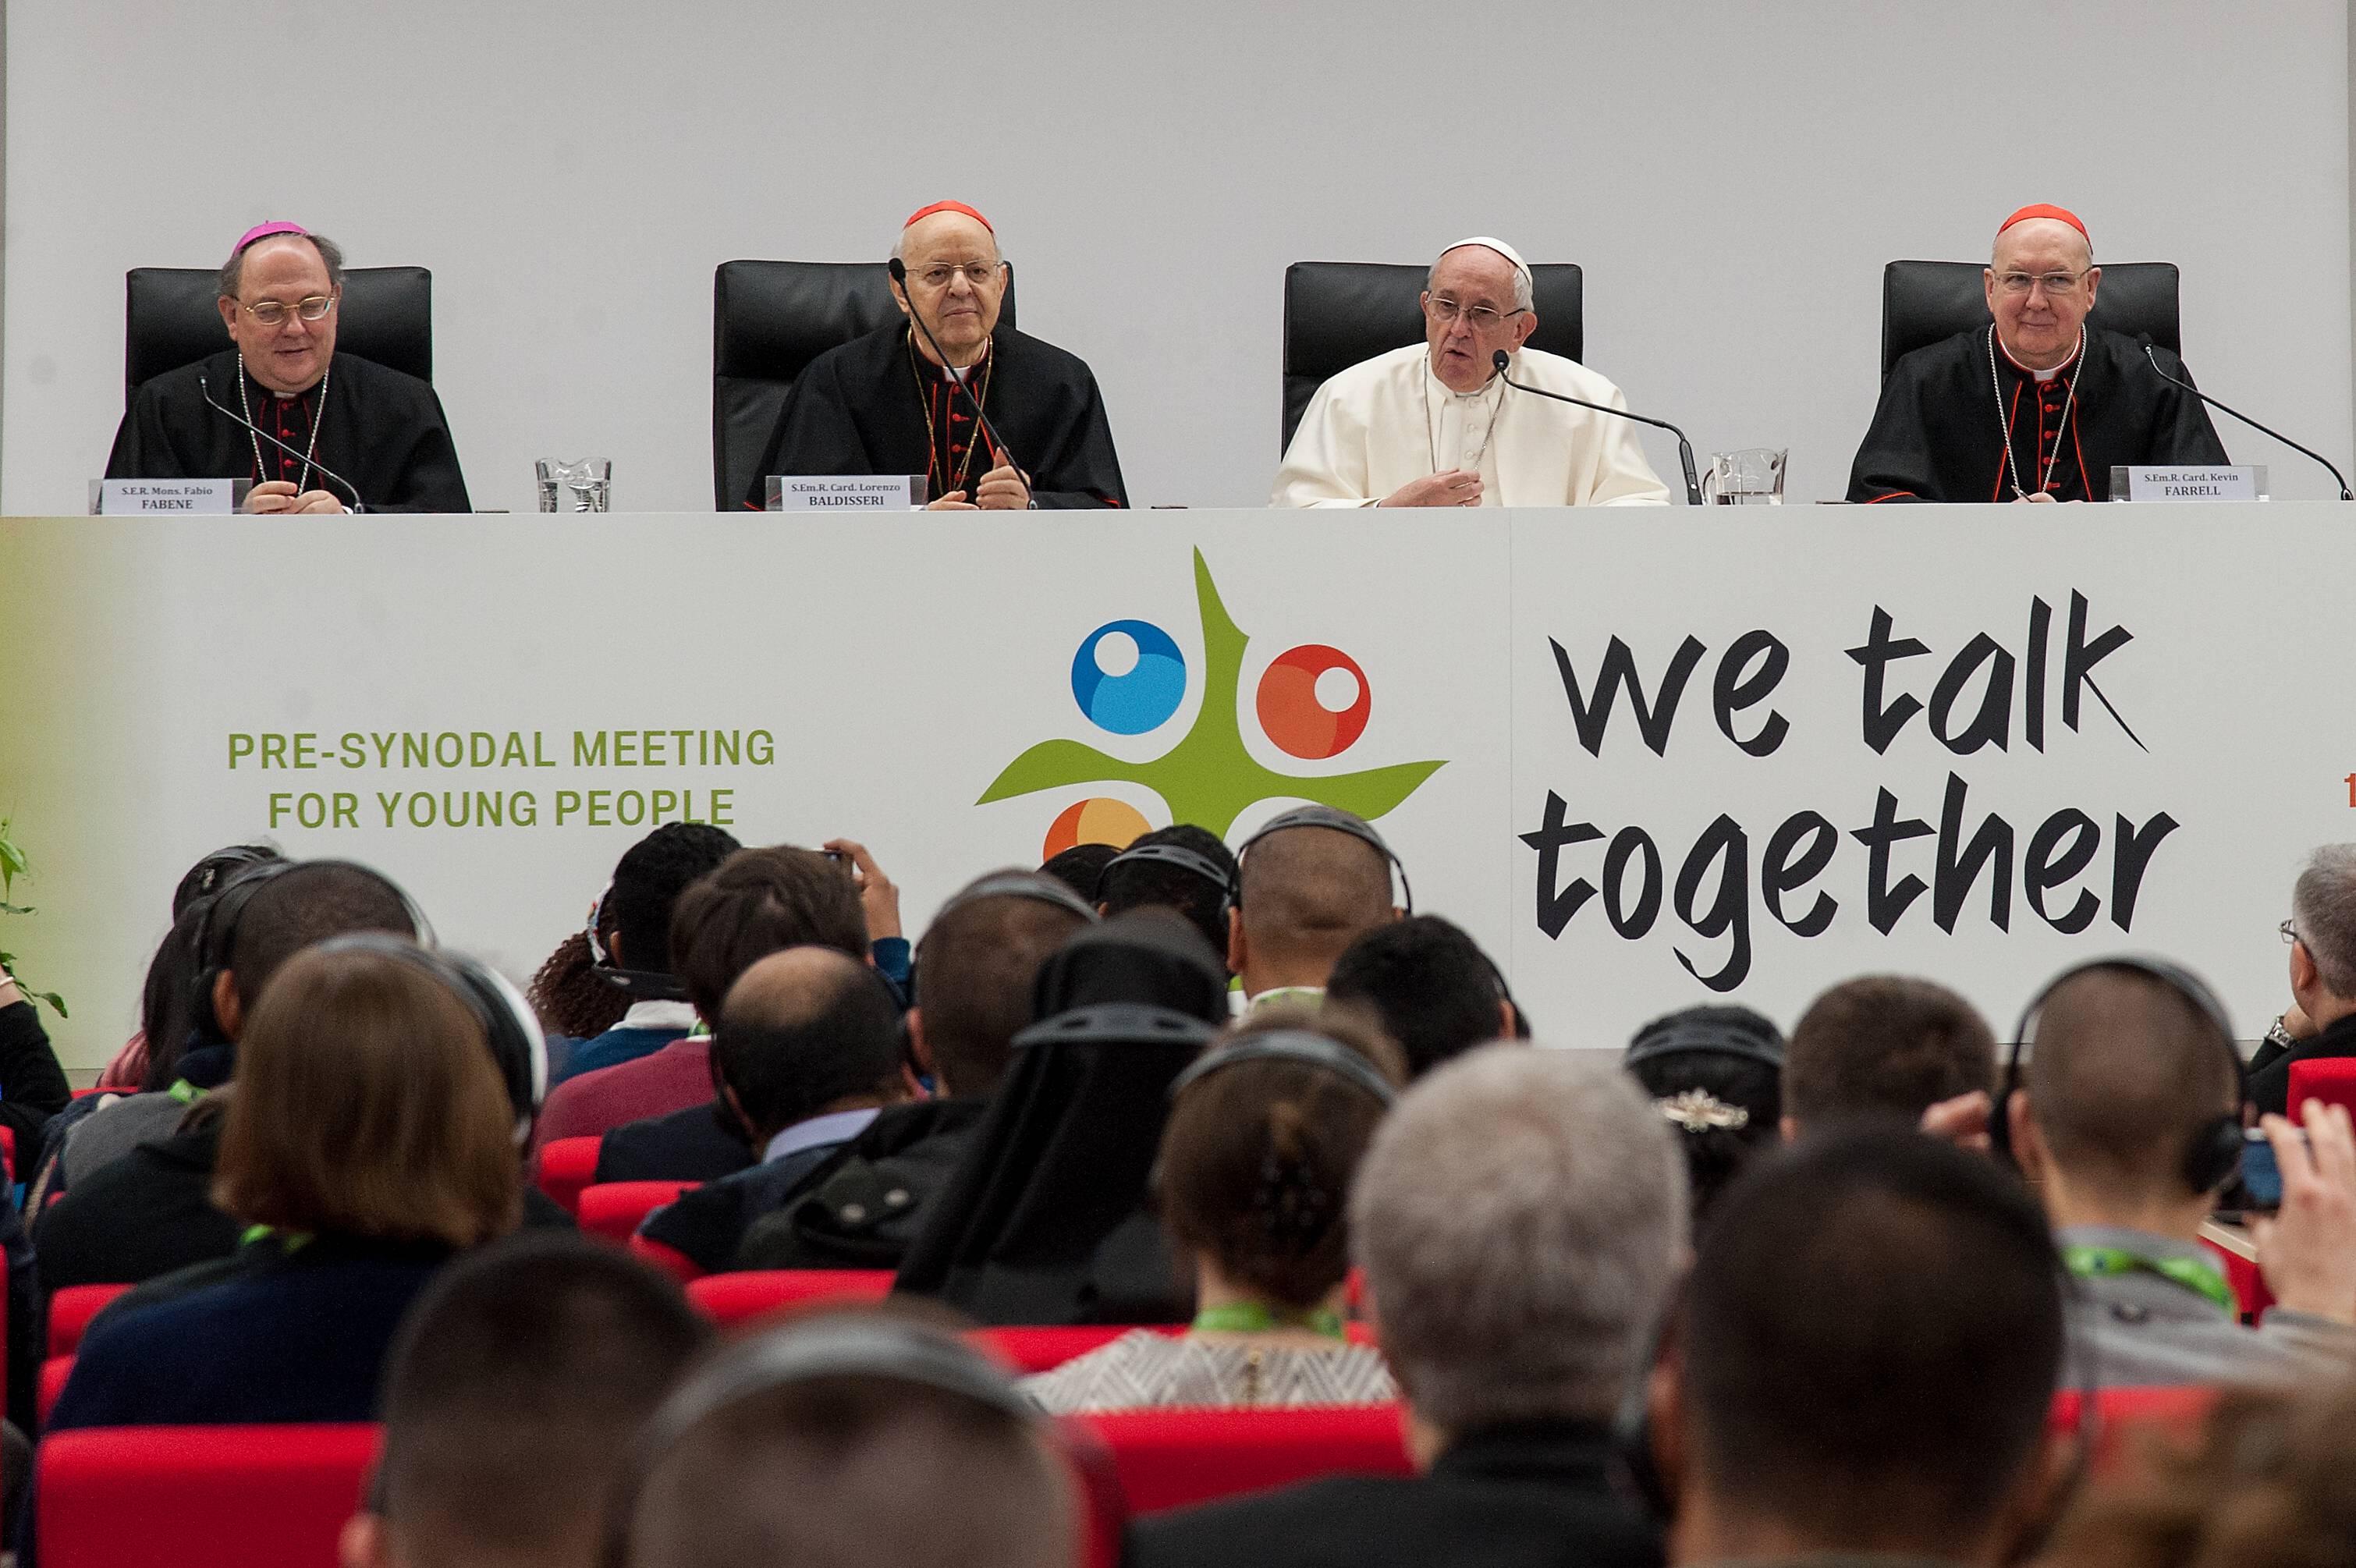 Jugend nimmt Kirche in die Pflicht | mk online